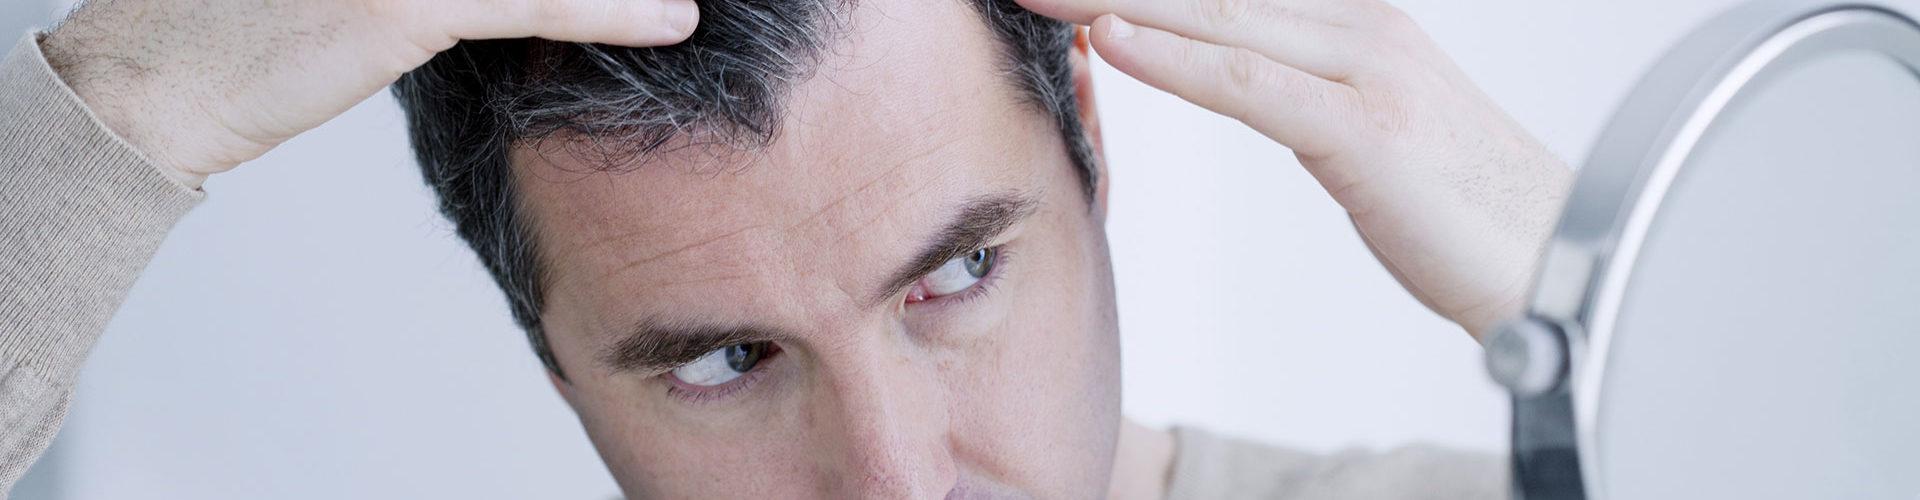 La perte de cheveux due au stress